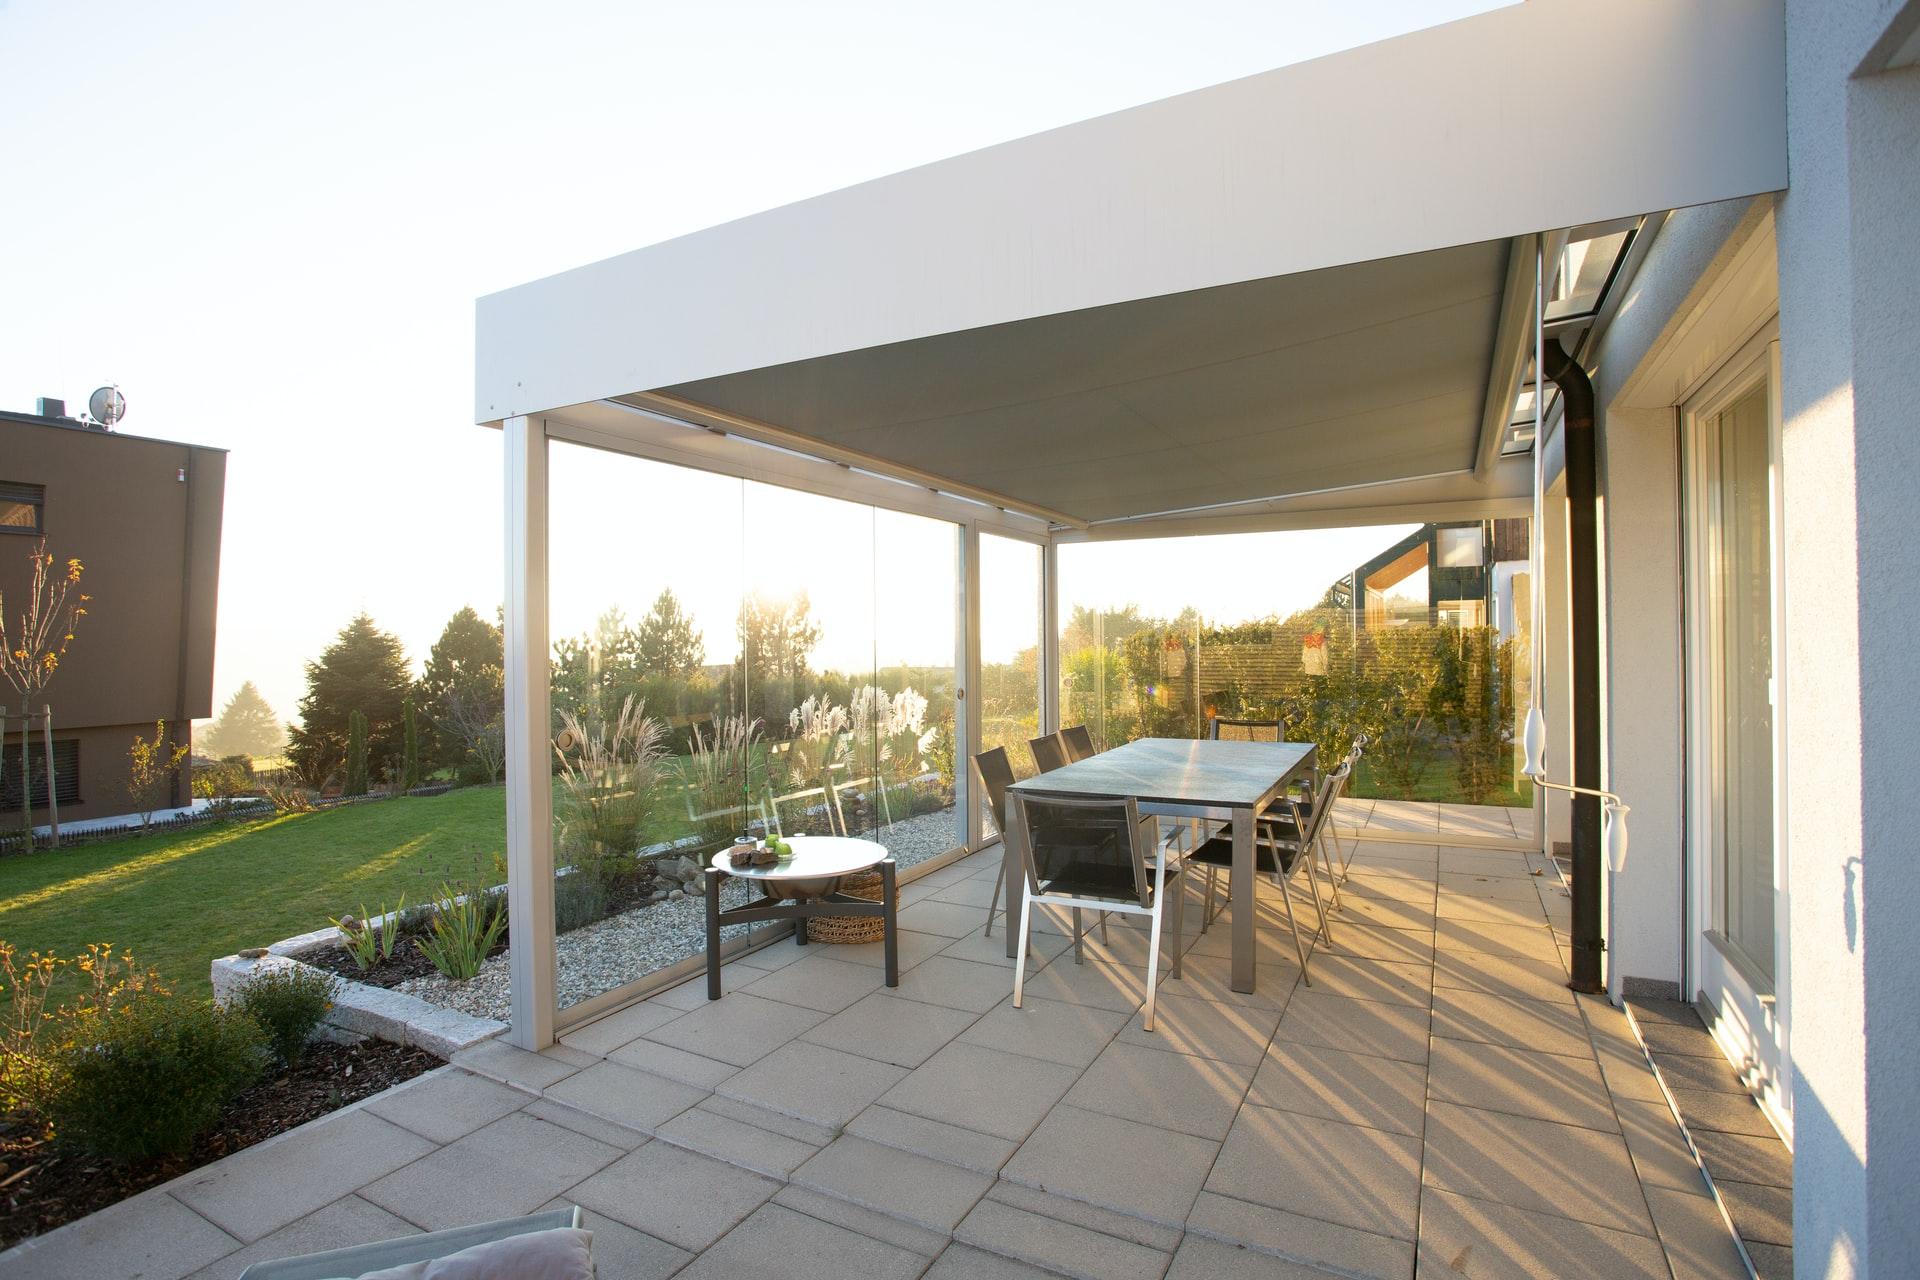 Sådan får du mest muligt ud af din terrasse